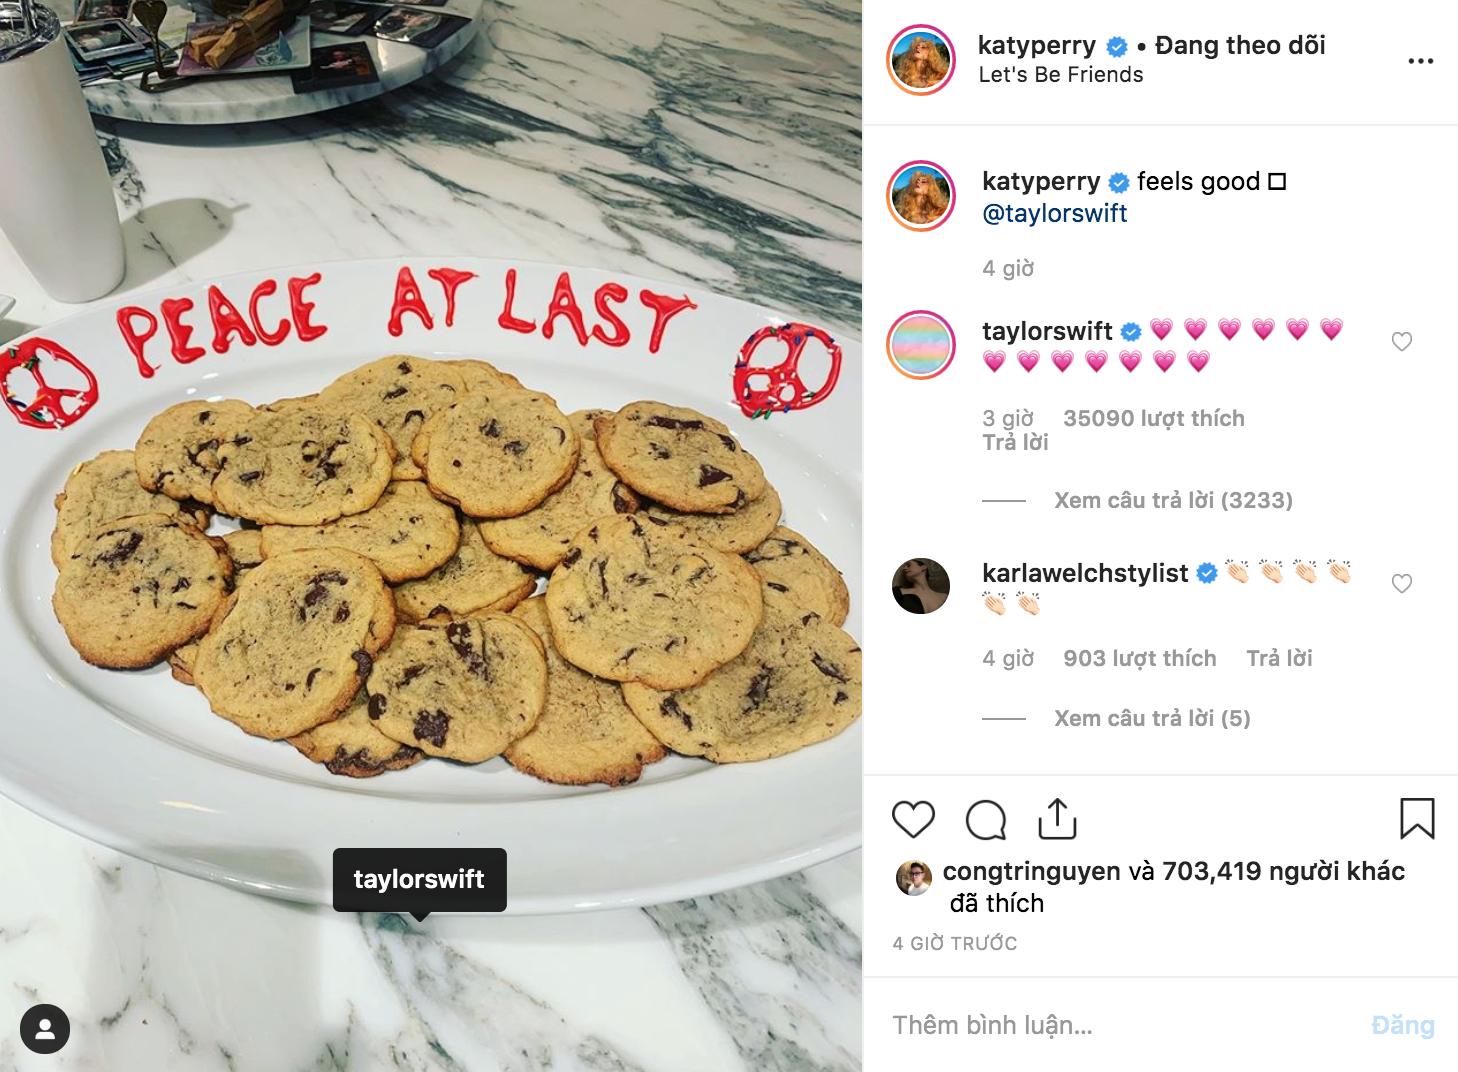 Nhờ dăm ba miếng bánh, Taylor Swift và Katy Perry đã chị em tay bắt mặt mừng lập lại hoà bình rồi đây này! - Ảnh 1.